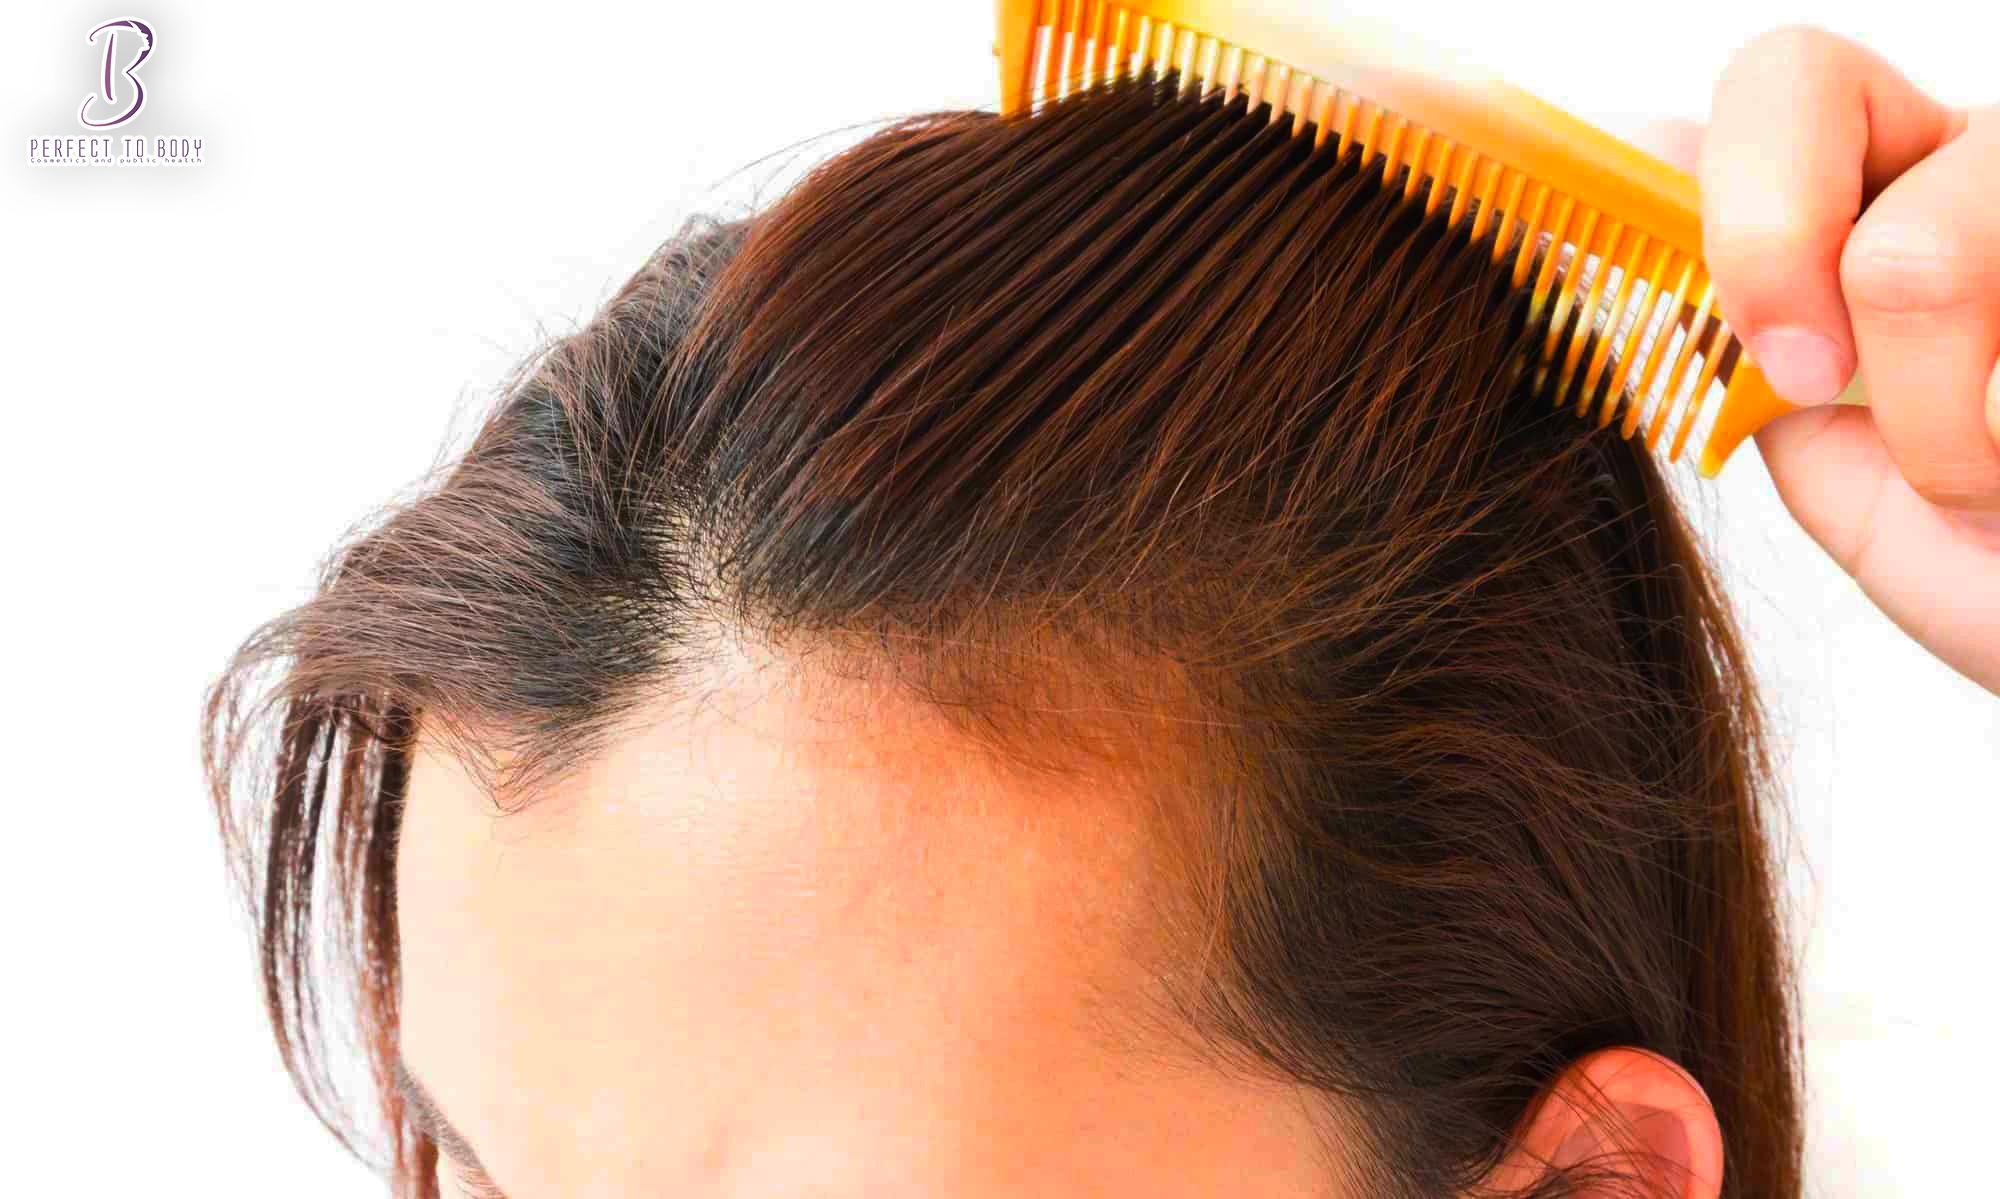 ما هي أسباب تساقط الشعر الكربي وطرق العلاج ؟ - perfect2body.com - برفكت تو بادي